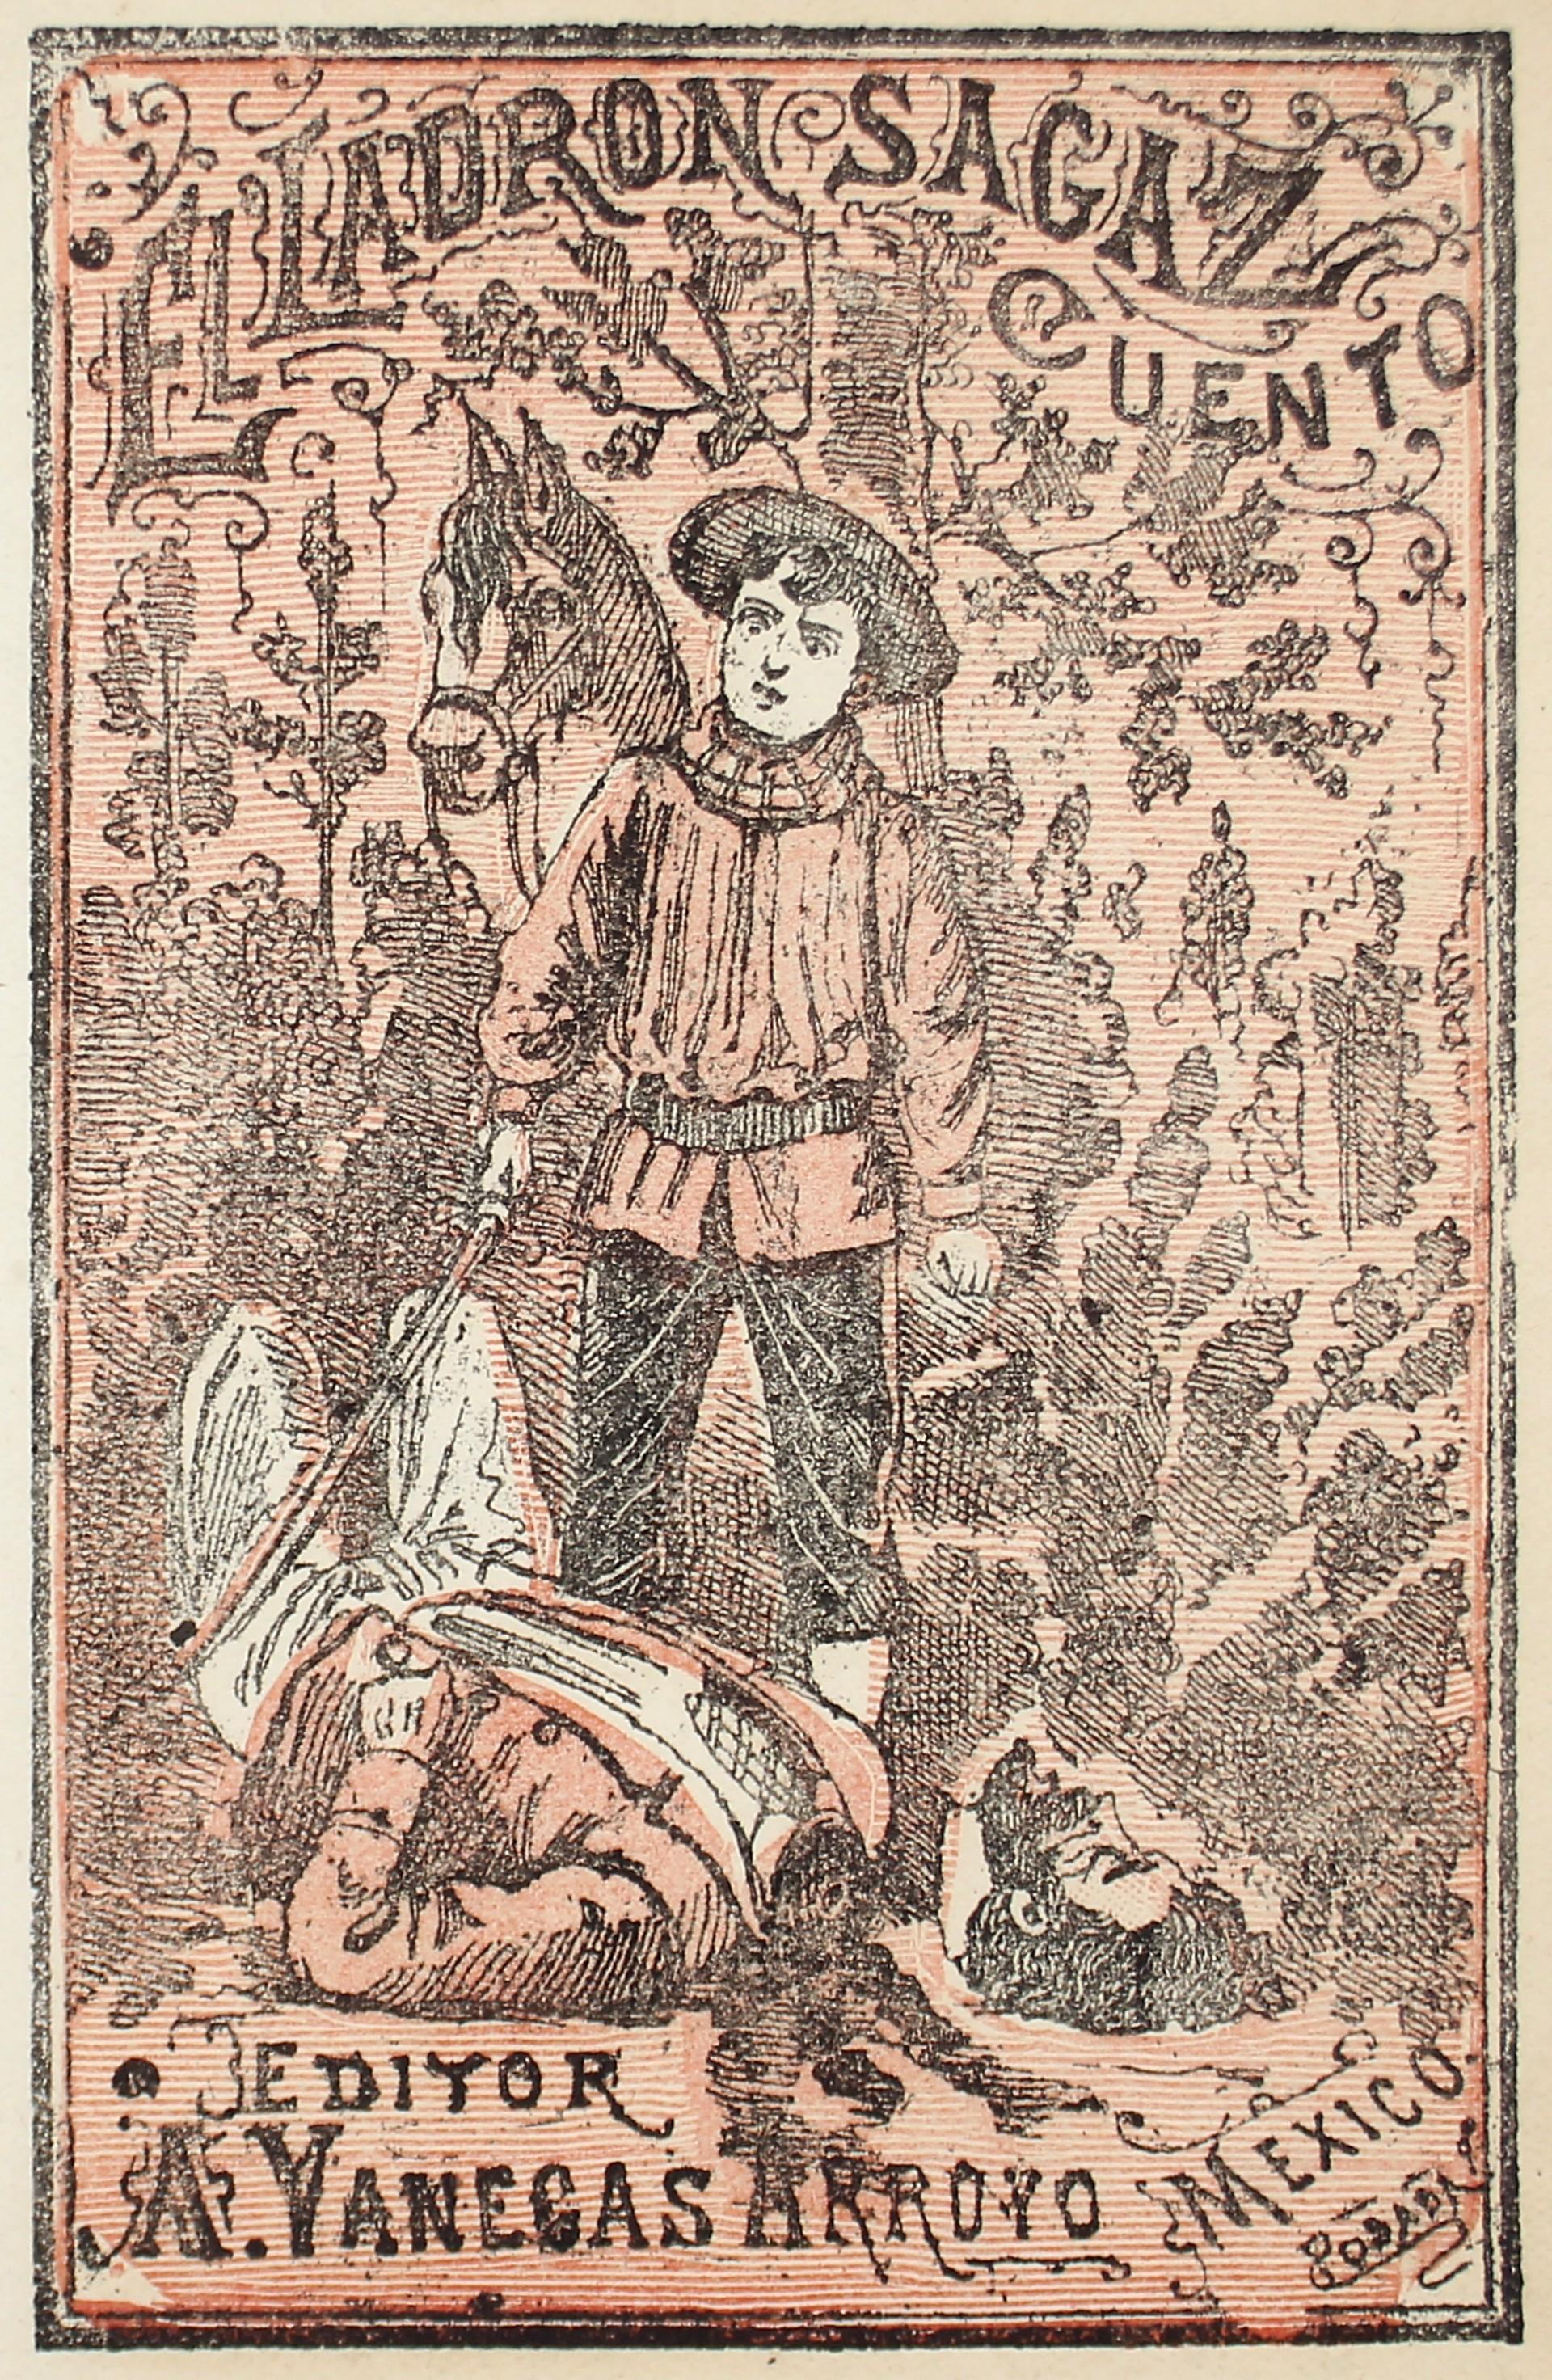 El Ladron Sagaz by José Guadalupe Posada (1852 - 1913)